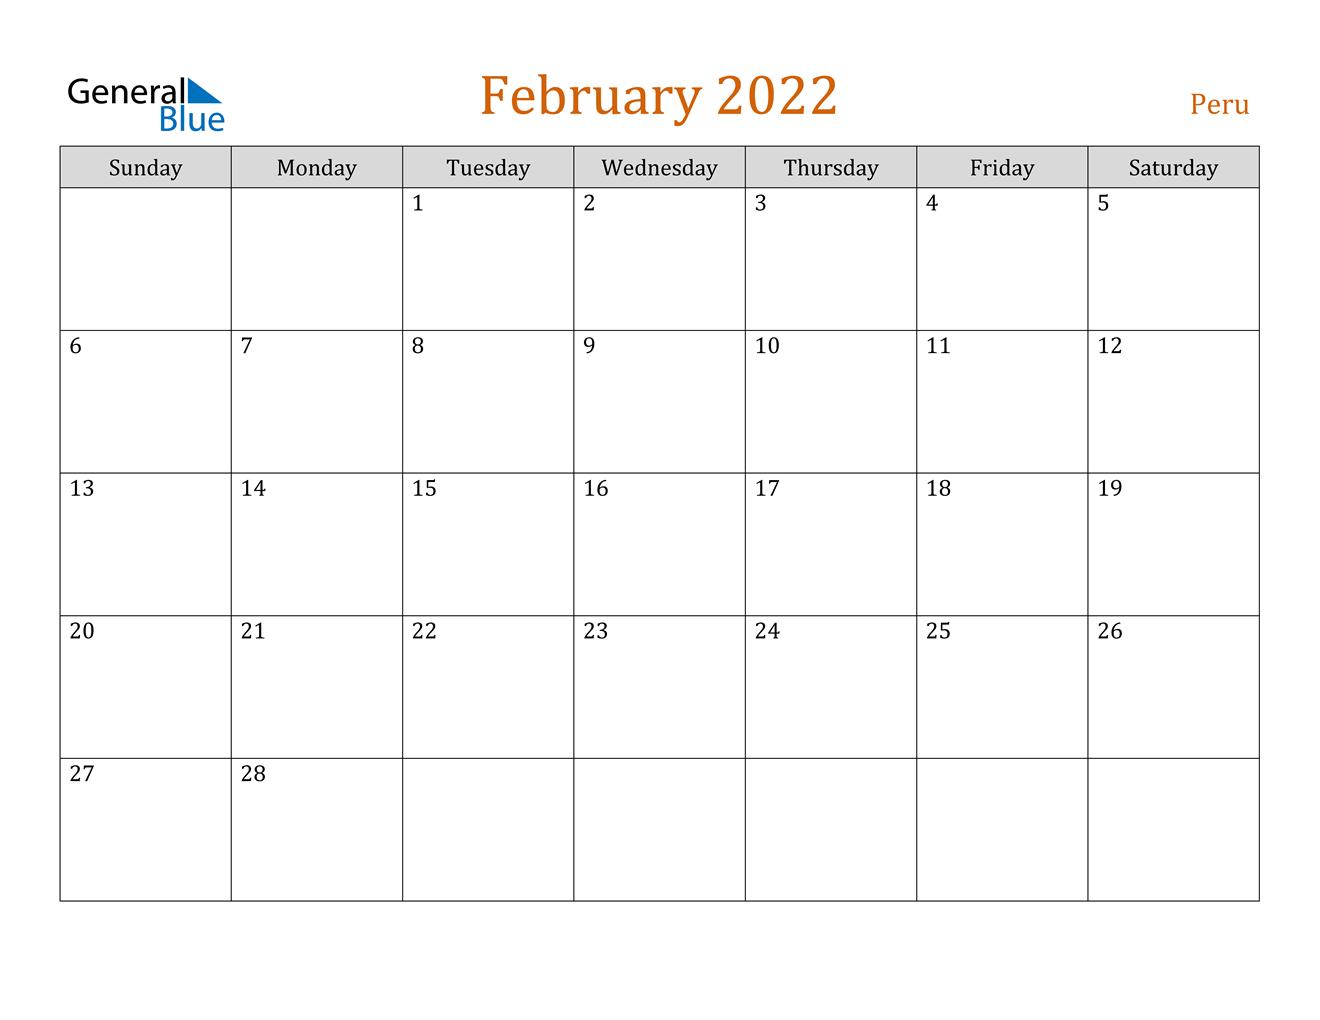 February 2022 Calendar - Peru